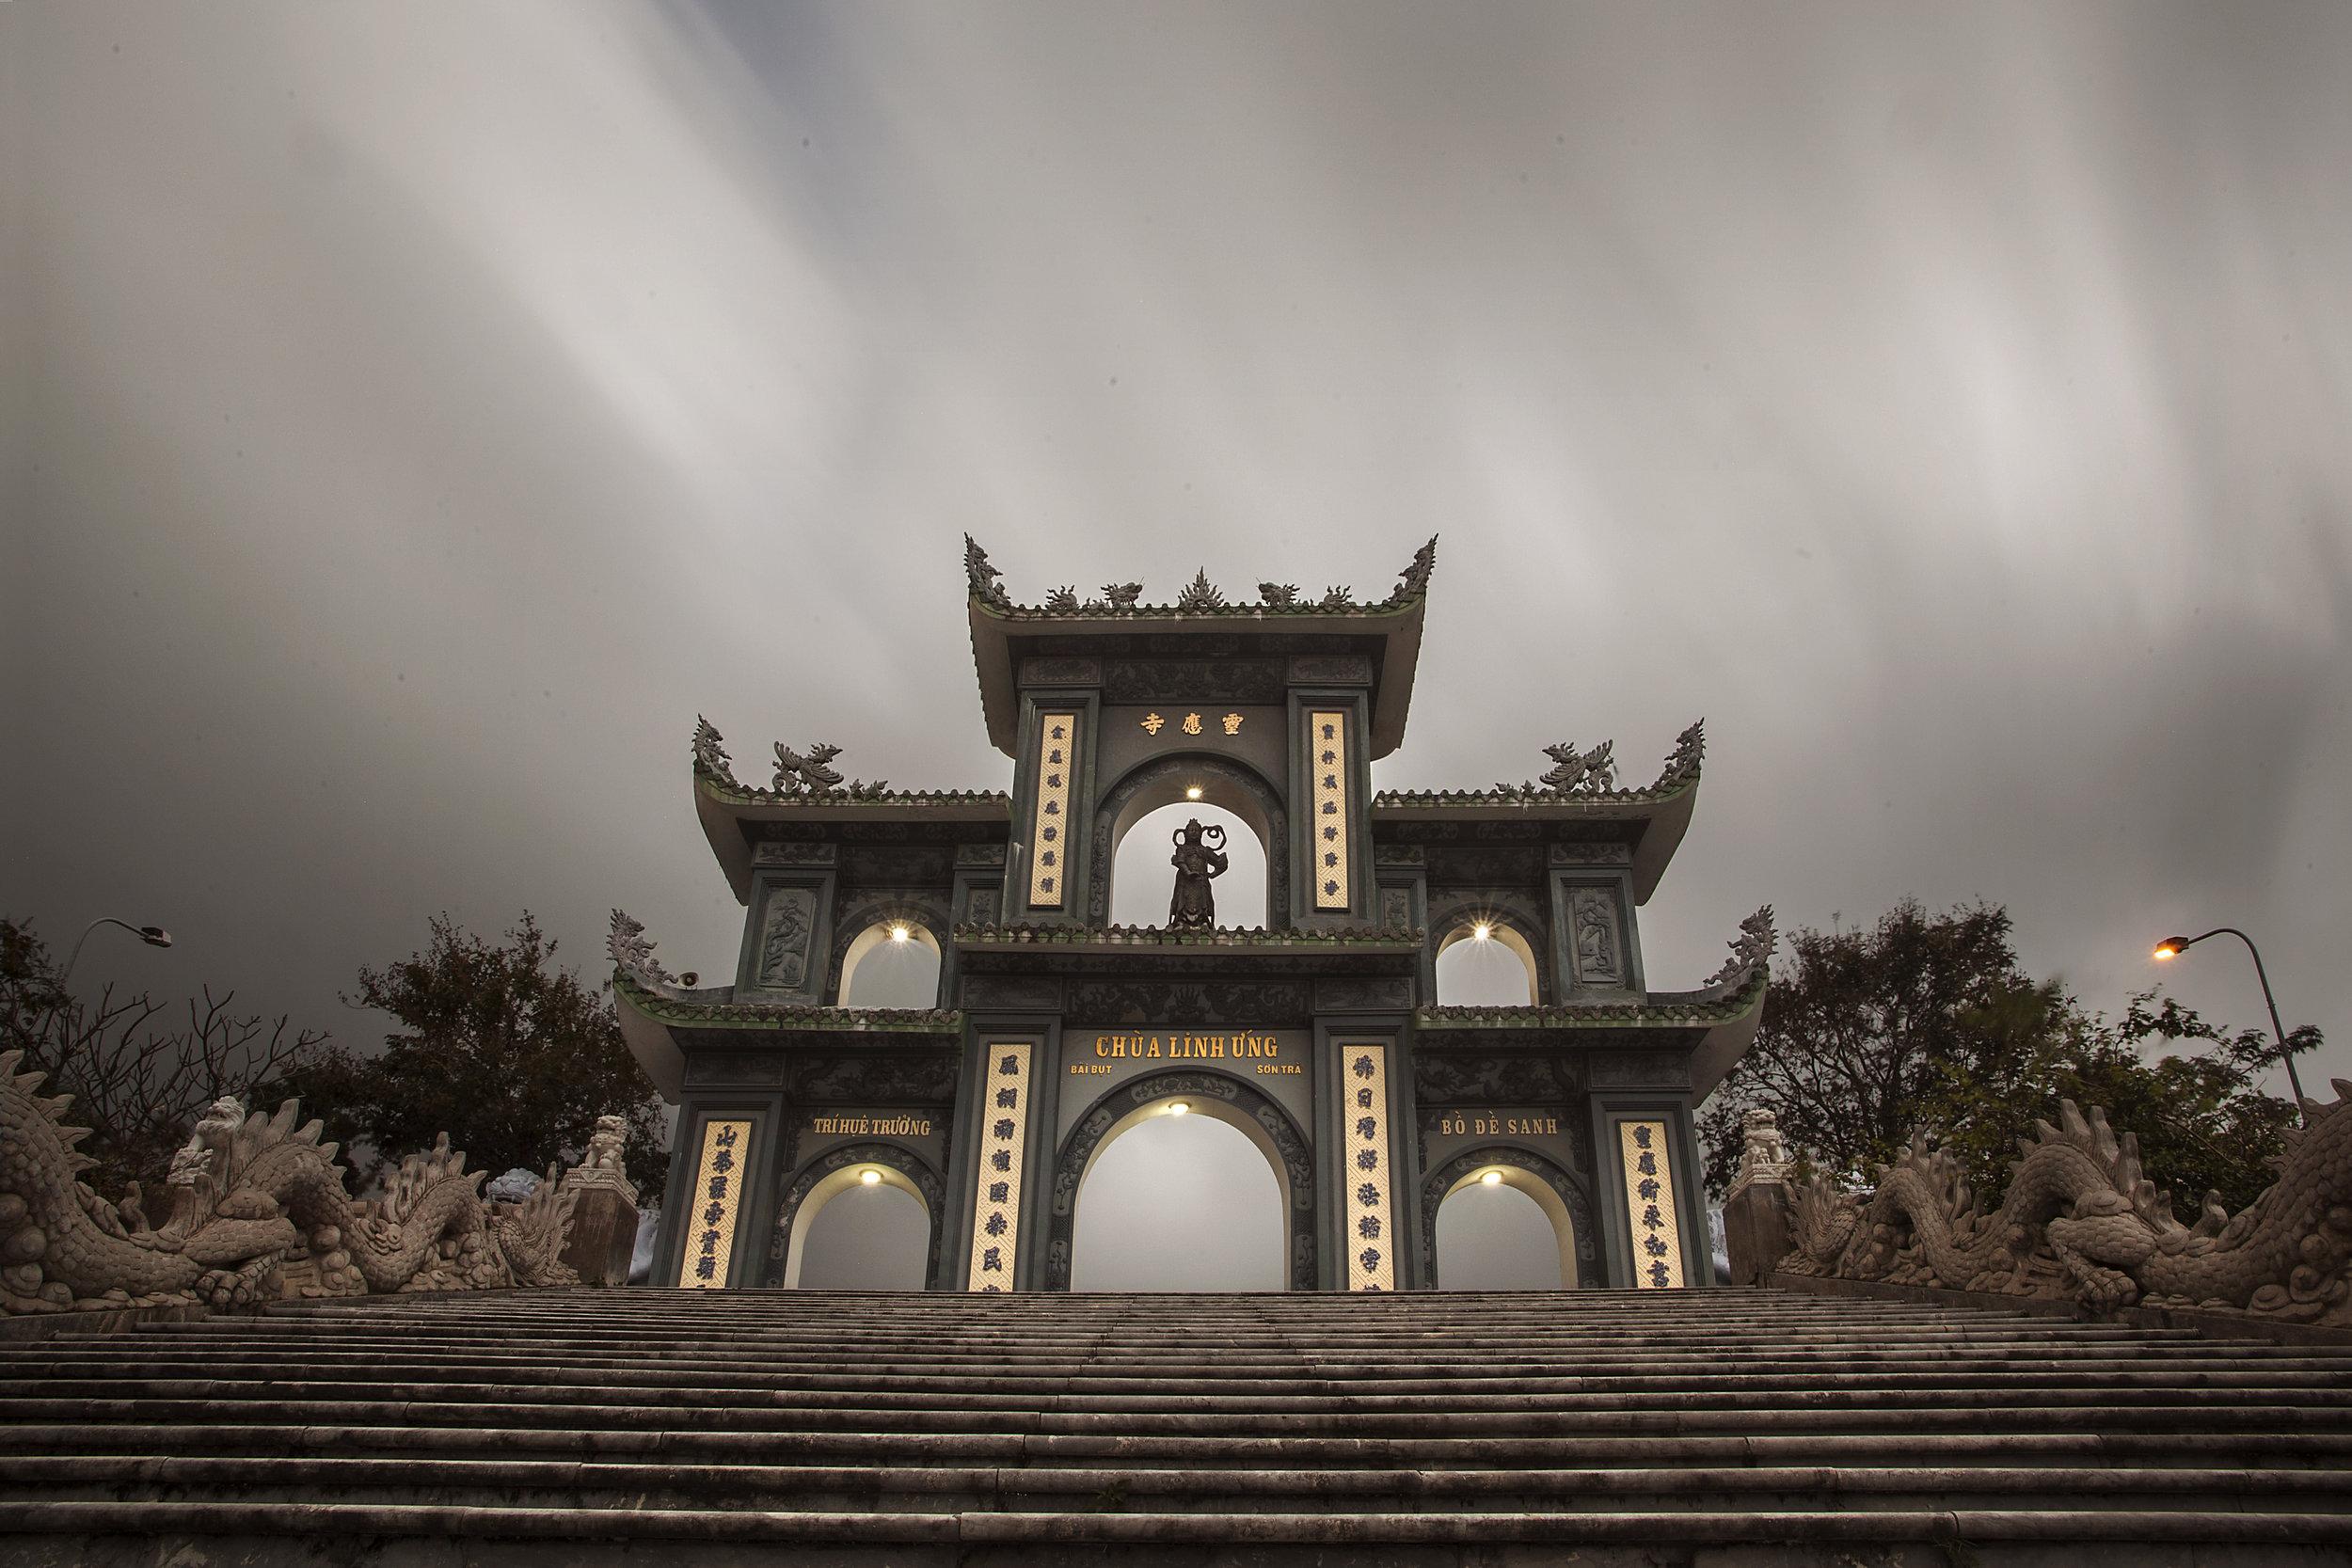 the main gate at dusk